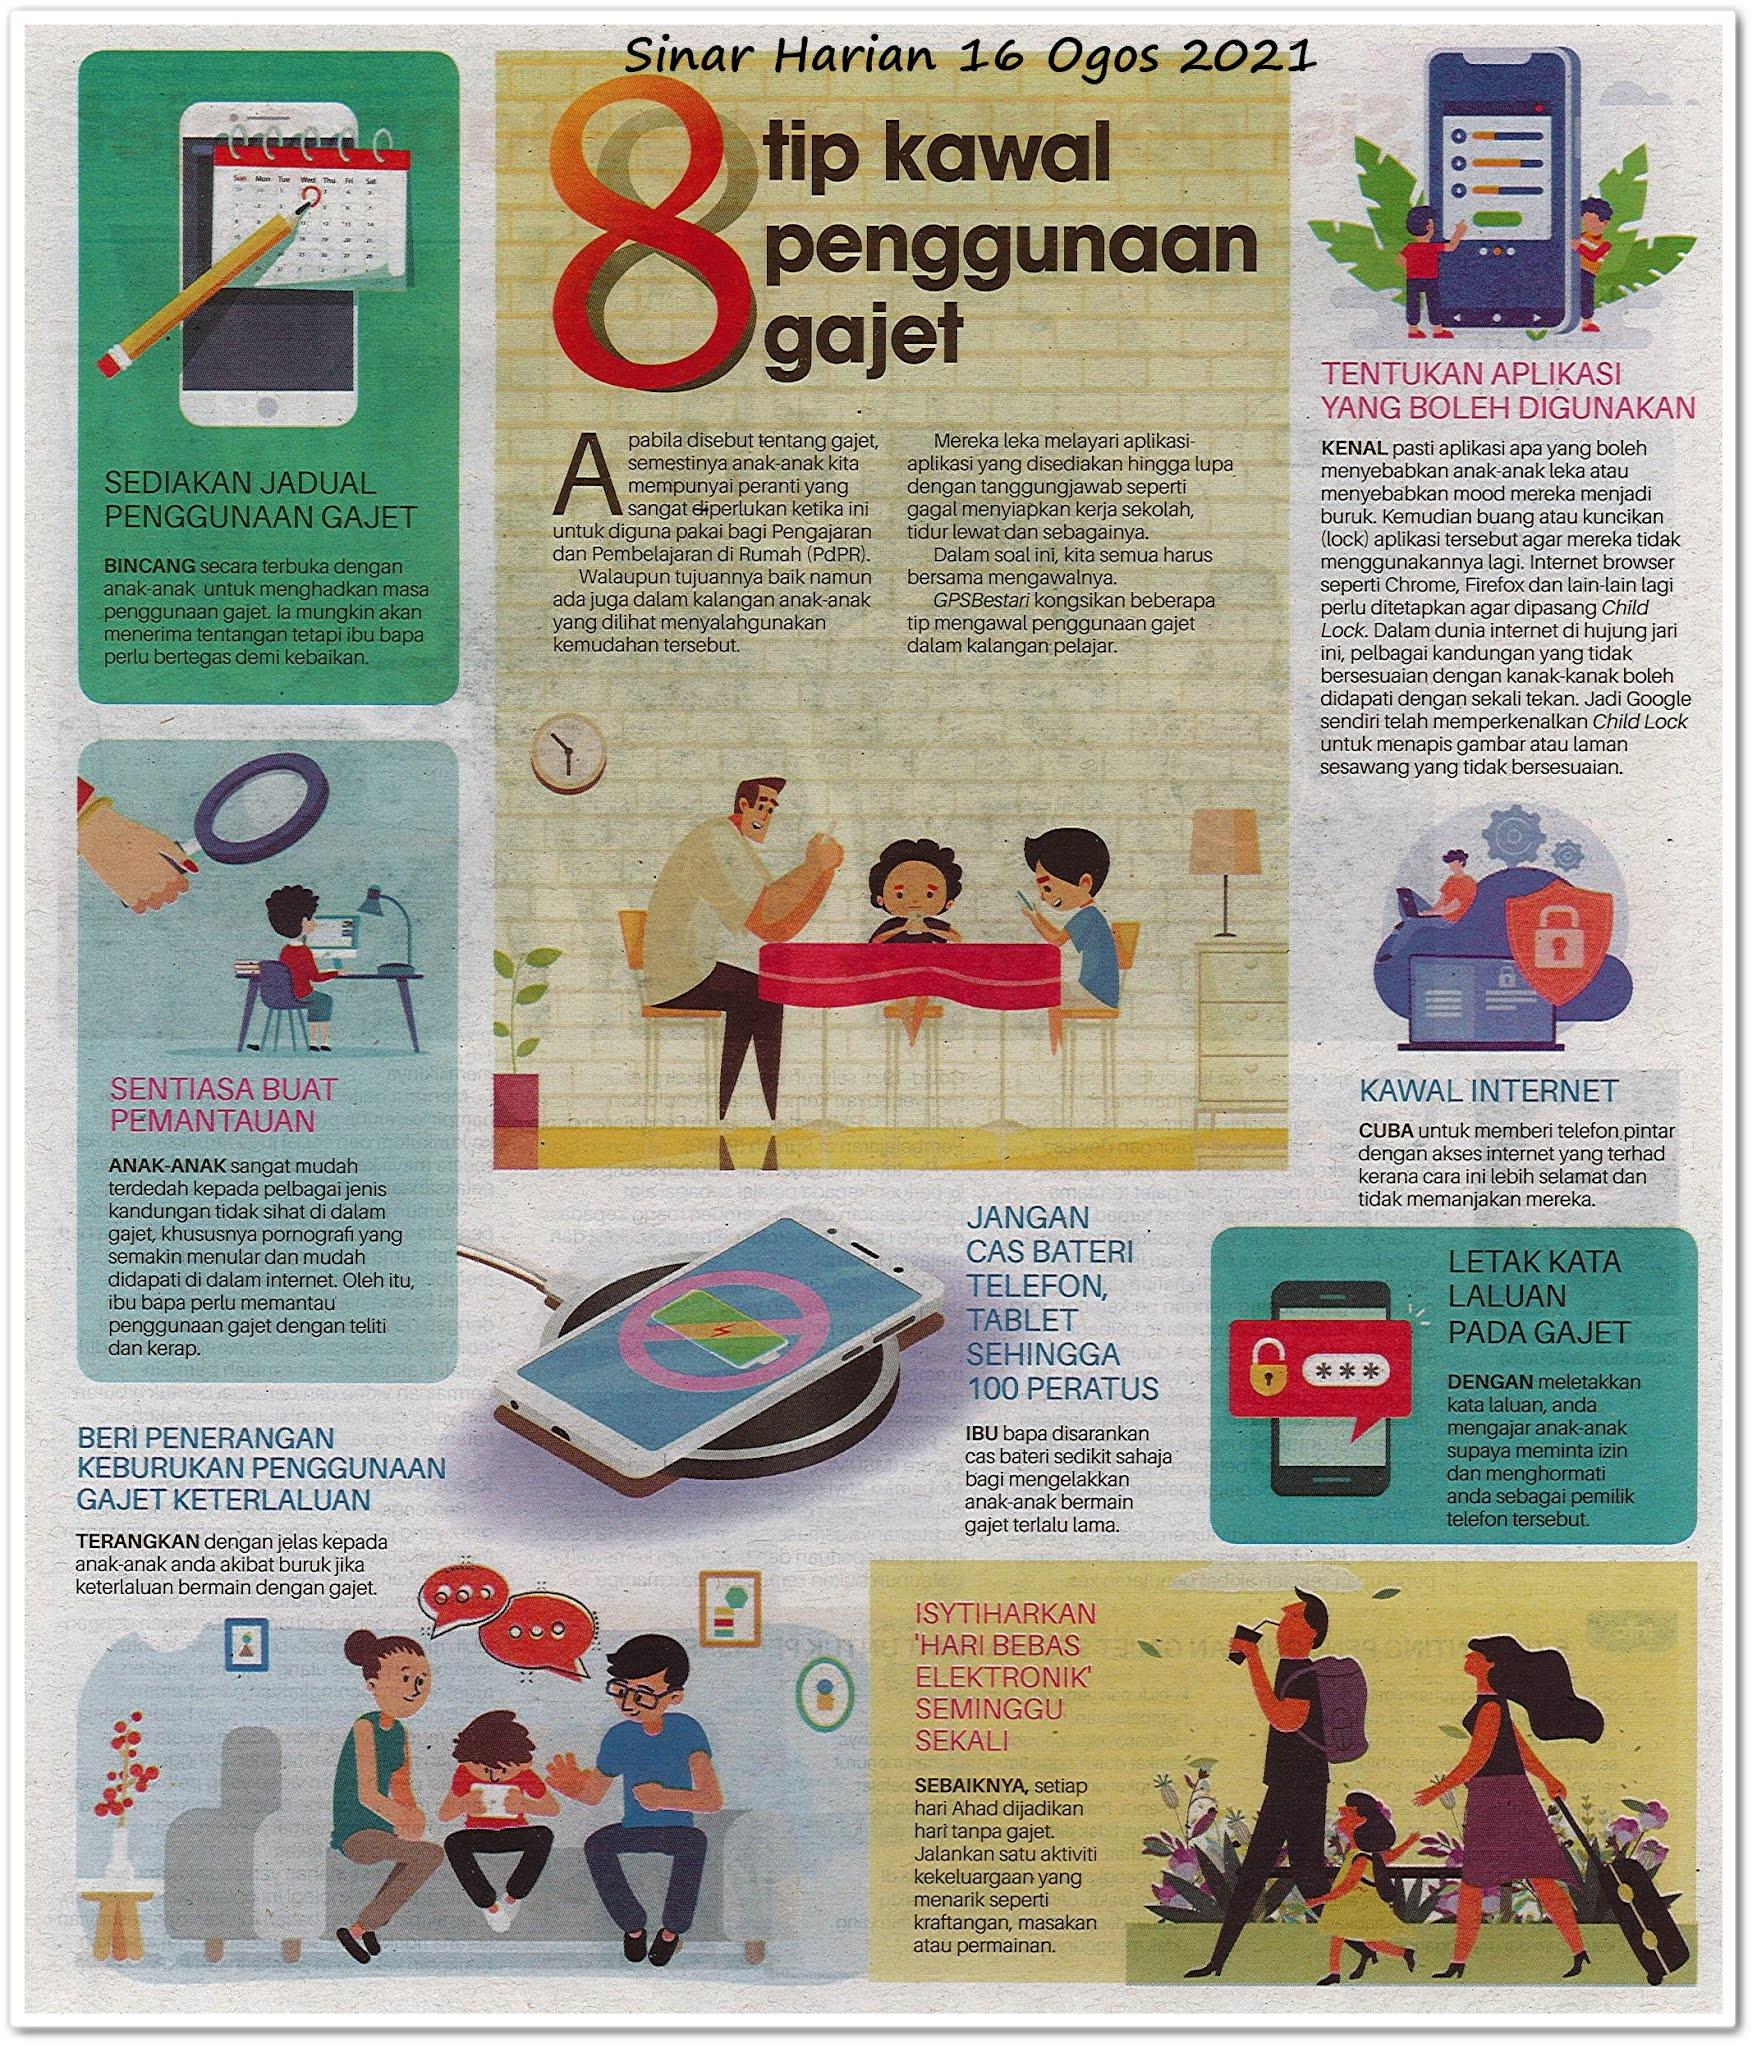 8 tip kawal penggunaan gajet - Keratan akhbar Sinar Harian 16 Ogos 2021